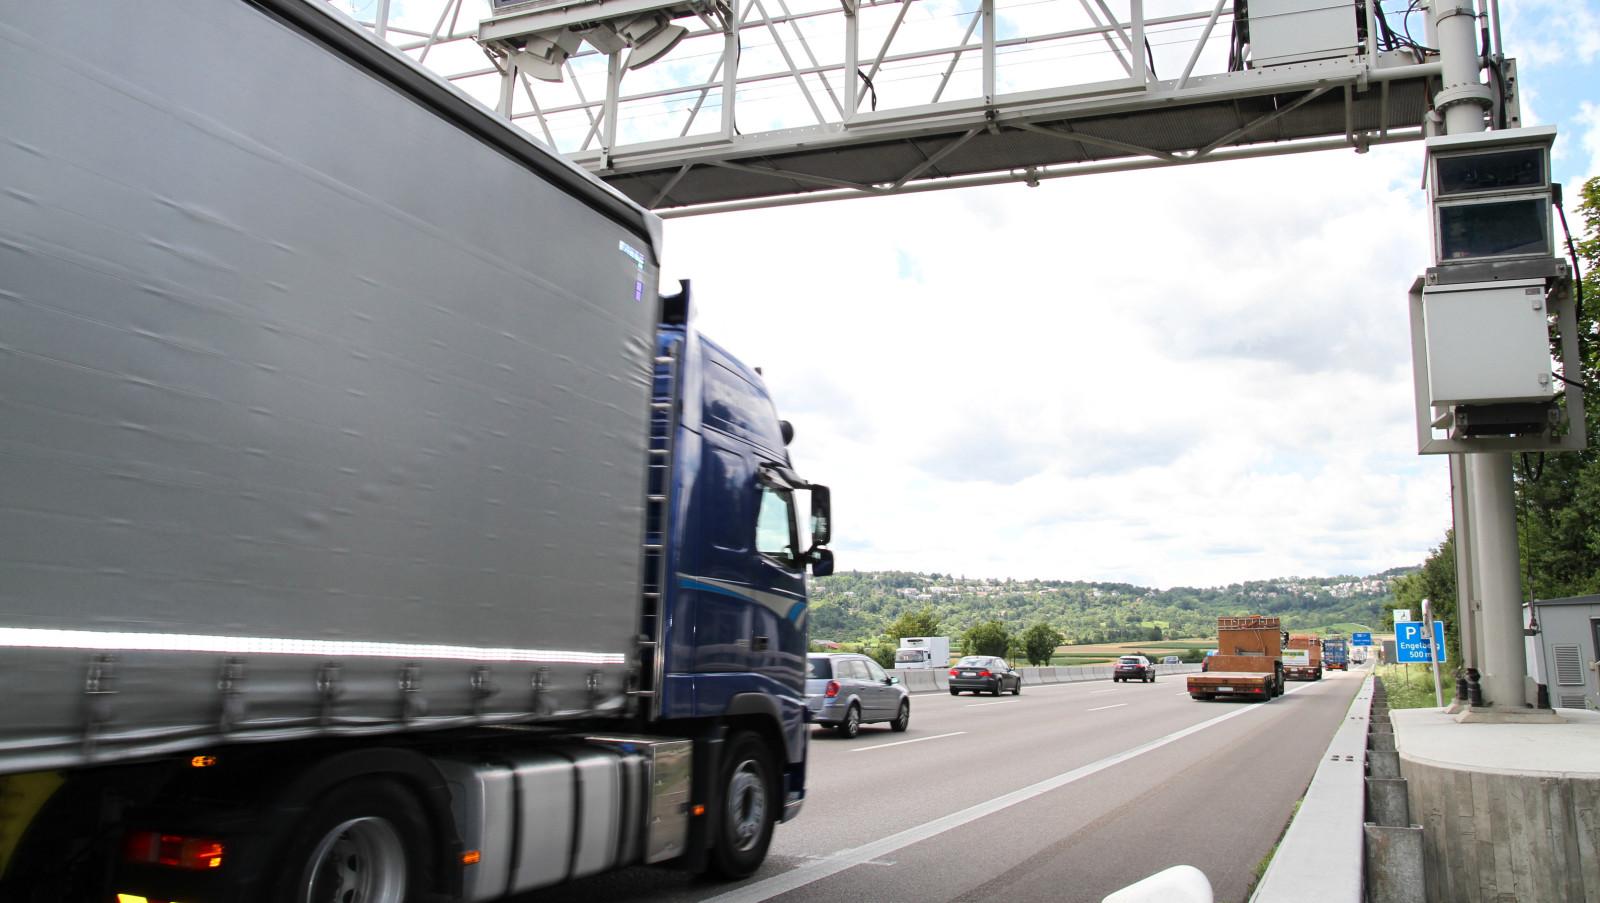 Mittelschwere Lkw werden ab dem 1. Oktober mautpflichtig. Leichte Lkw fahren auf deutschen Autobahnen und Bundesstraßen weiterhin umsonst. Die Lkw-Maut muss ausgeweitet werden.